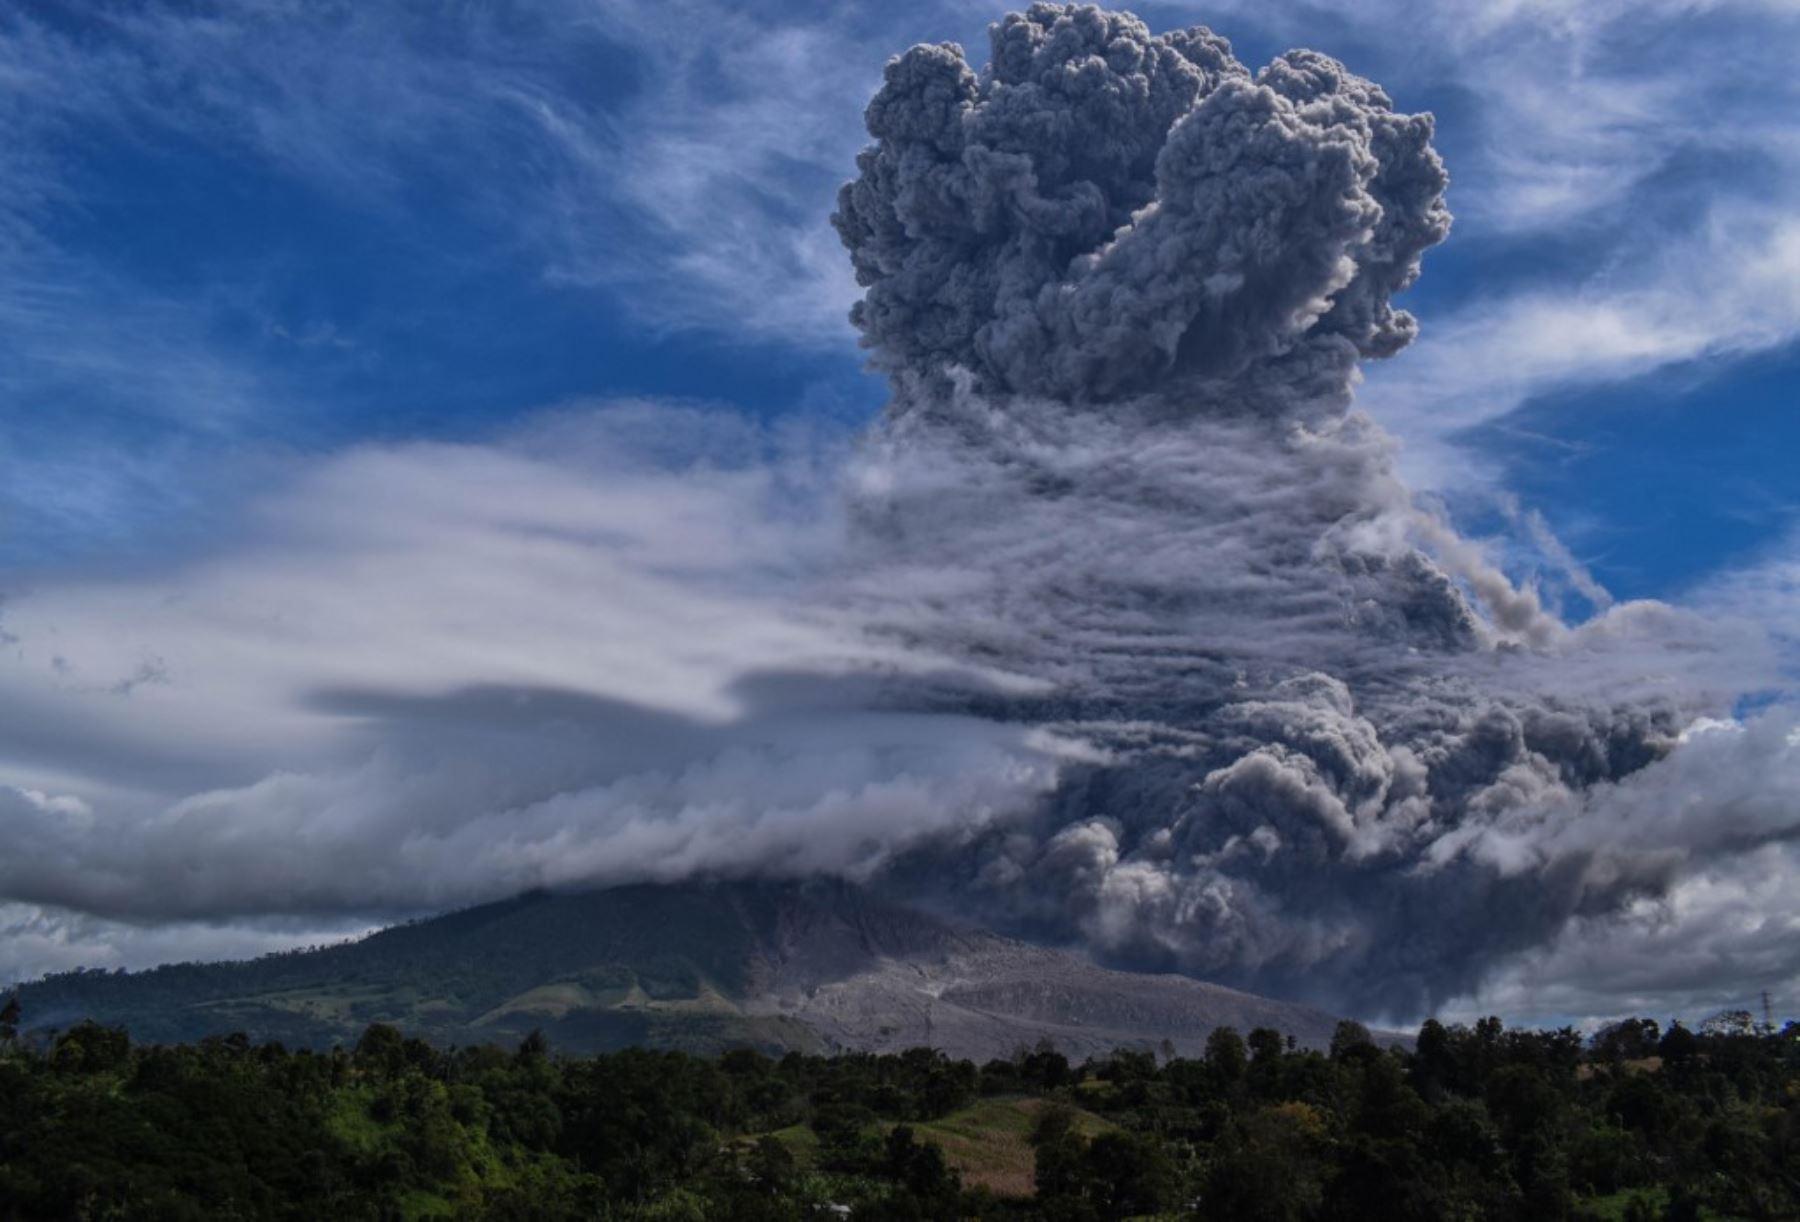 El volcán Sinabung arroja ceniza durante su segunda erupción hacia el anochecer, visto desde el distrito de Karo, en el norte de Sumatra. Foto: AFP